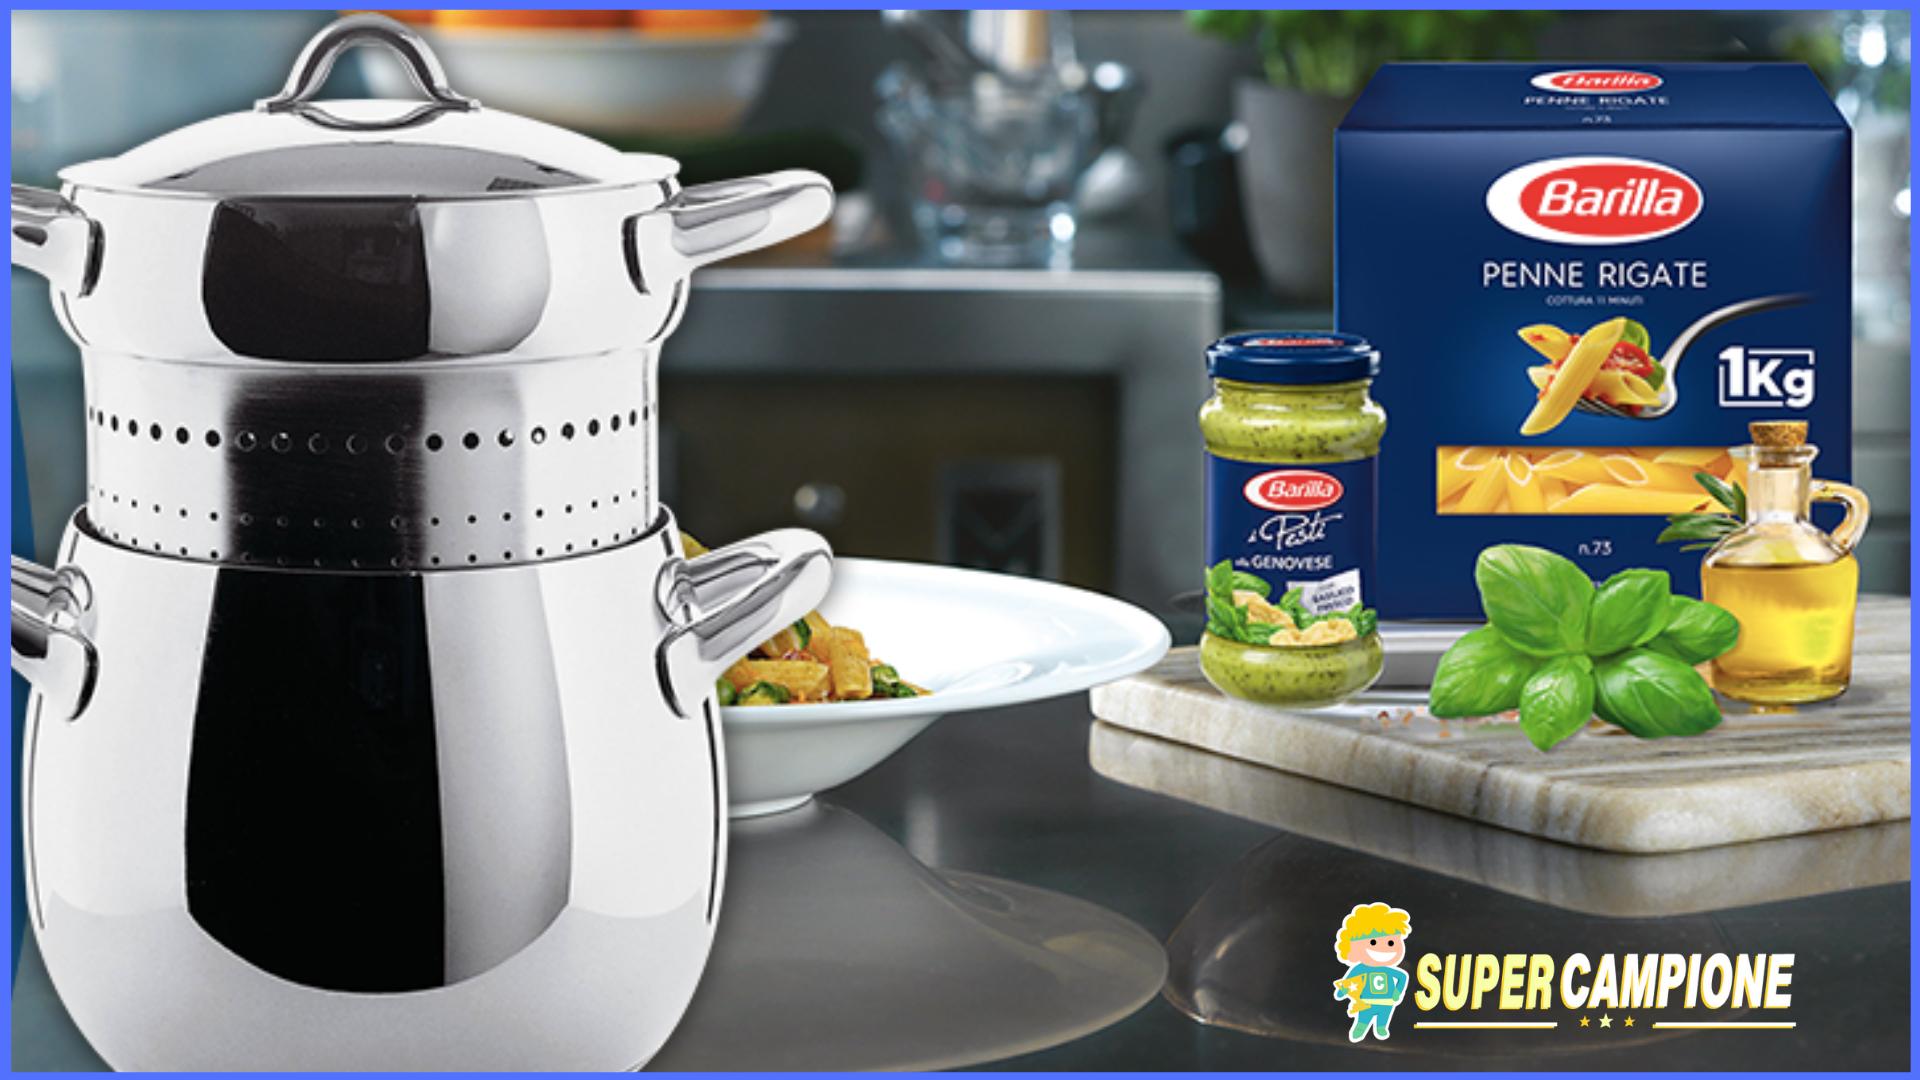 Supercampione - Vinci un set pasta Alessi con Barilla